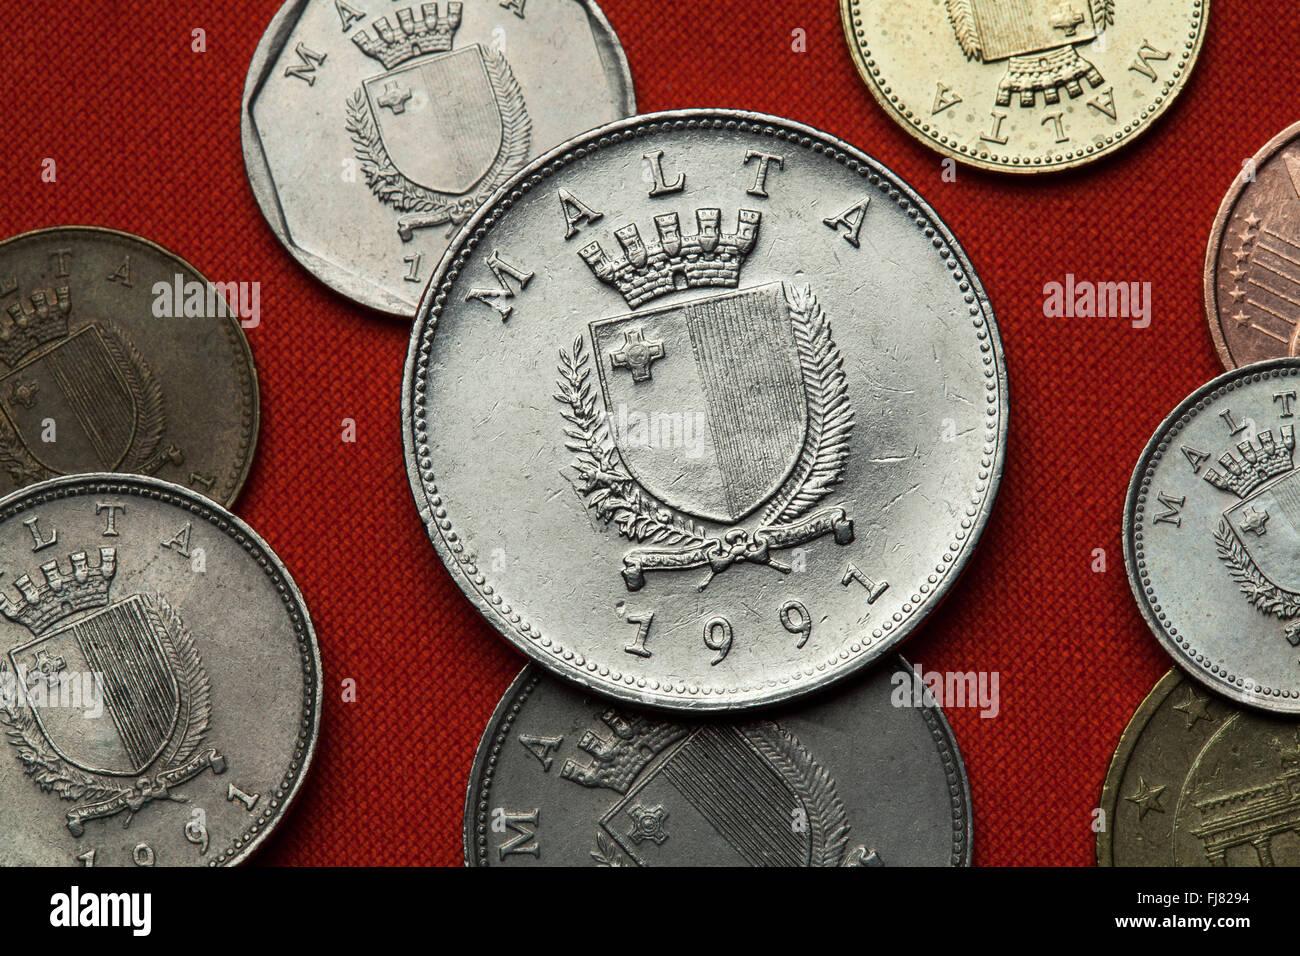 Münzen Aus Malta Wappen Von Malta In Die Maltesische Lira Münzen